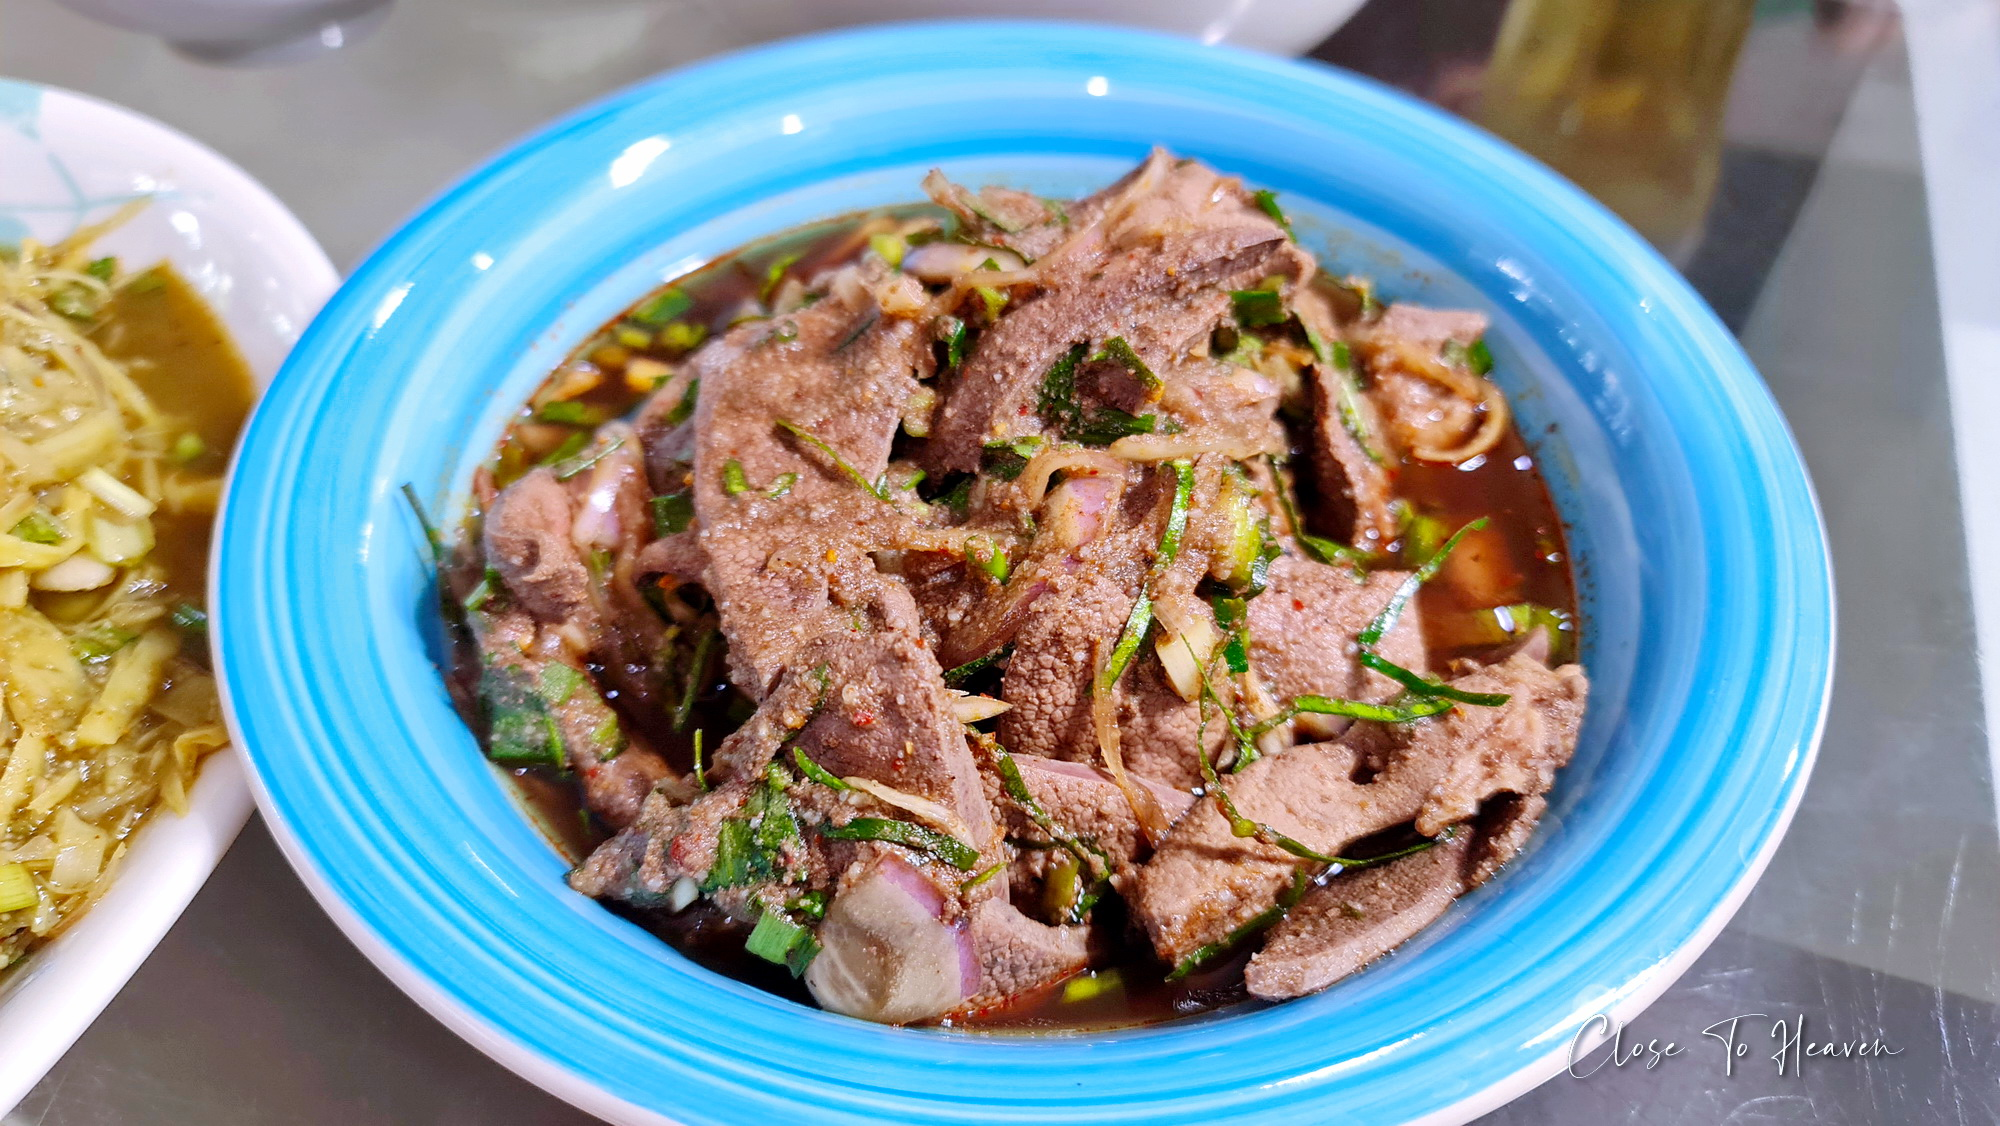 กอไผ่ ลาภยโส นนทบุรี 48 ซุบหน่อไม้และตับหวานที่อร่อยที่สุด